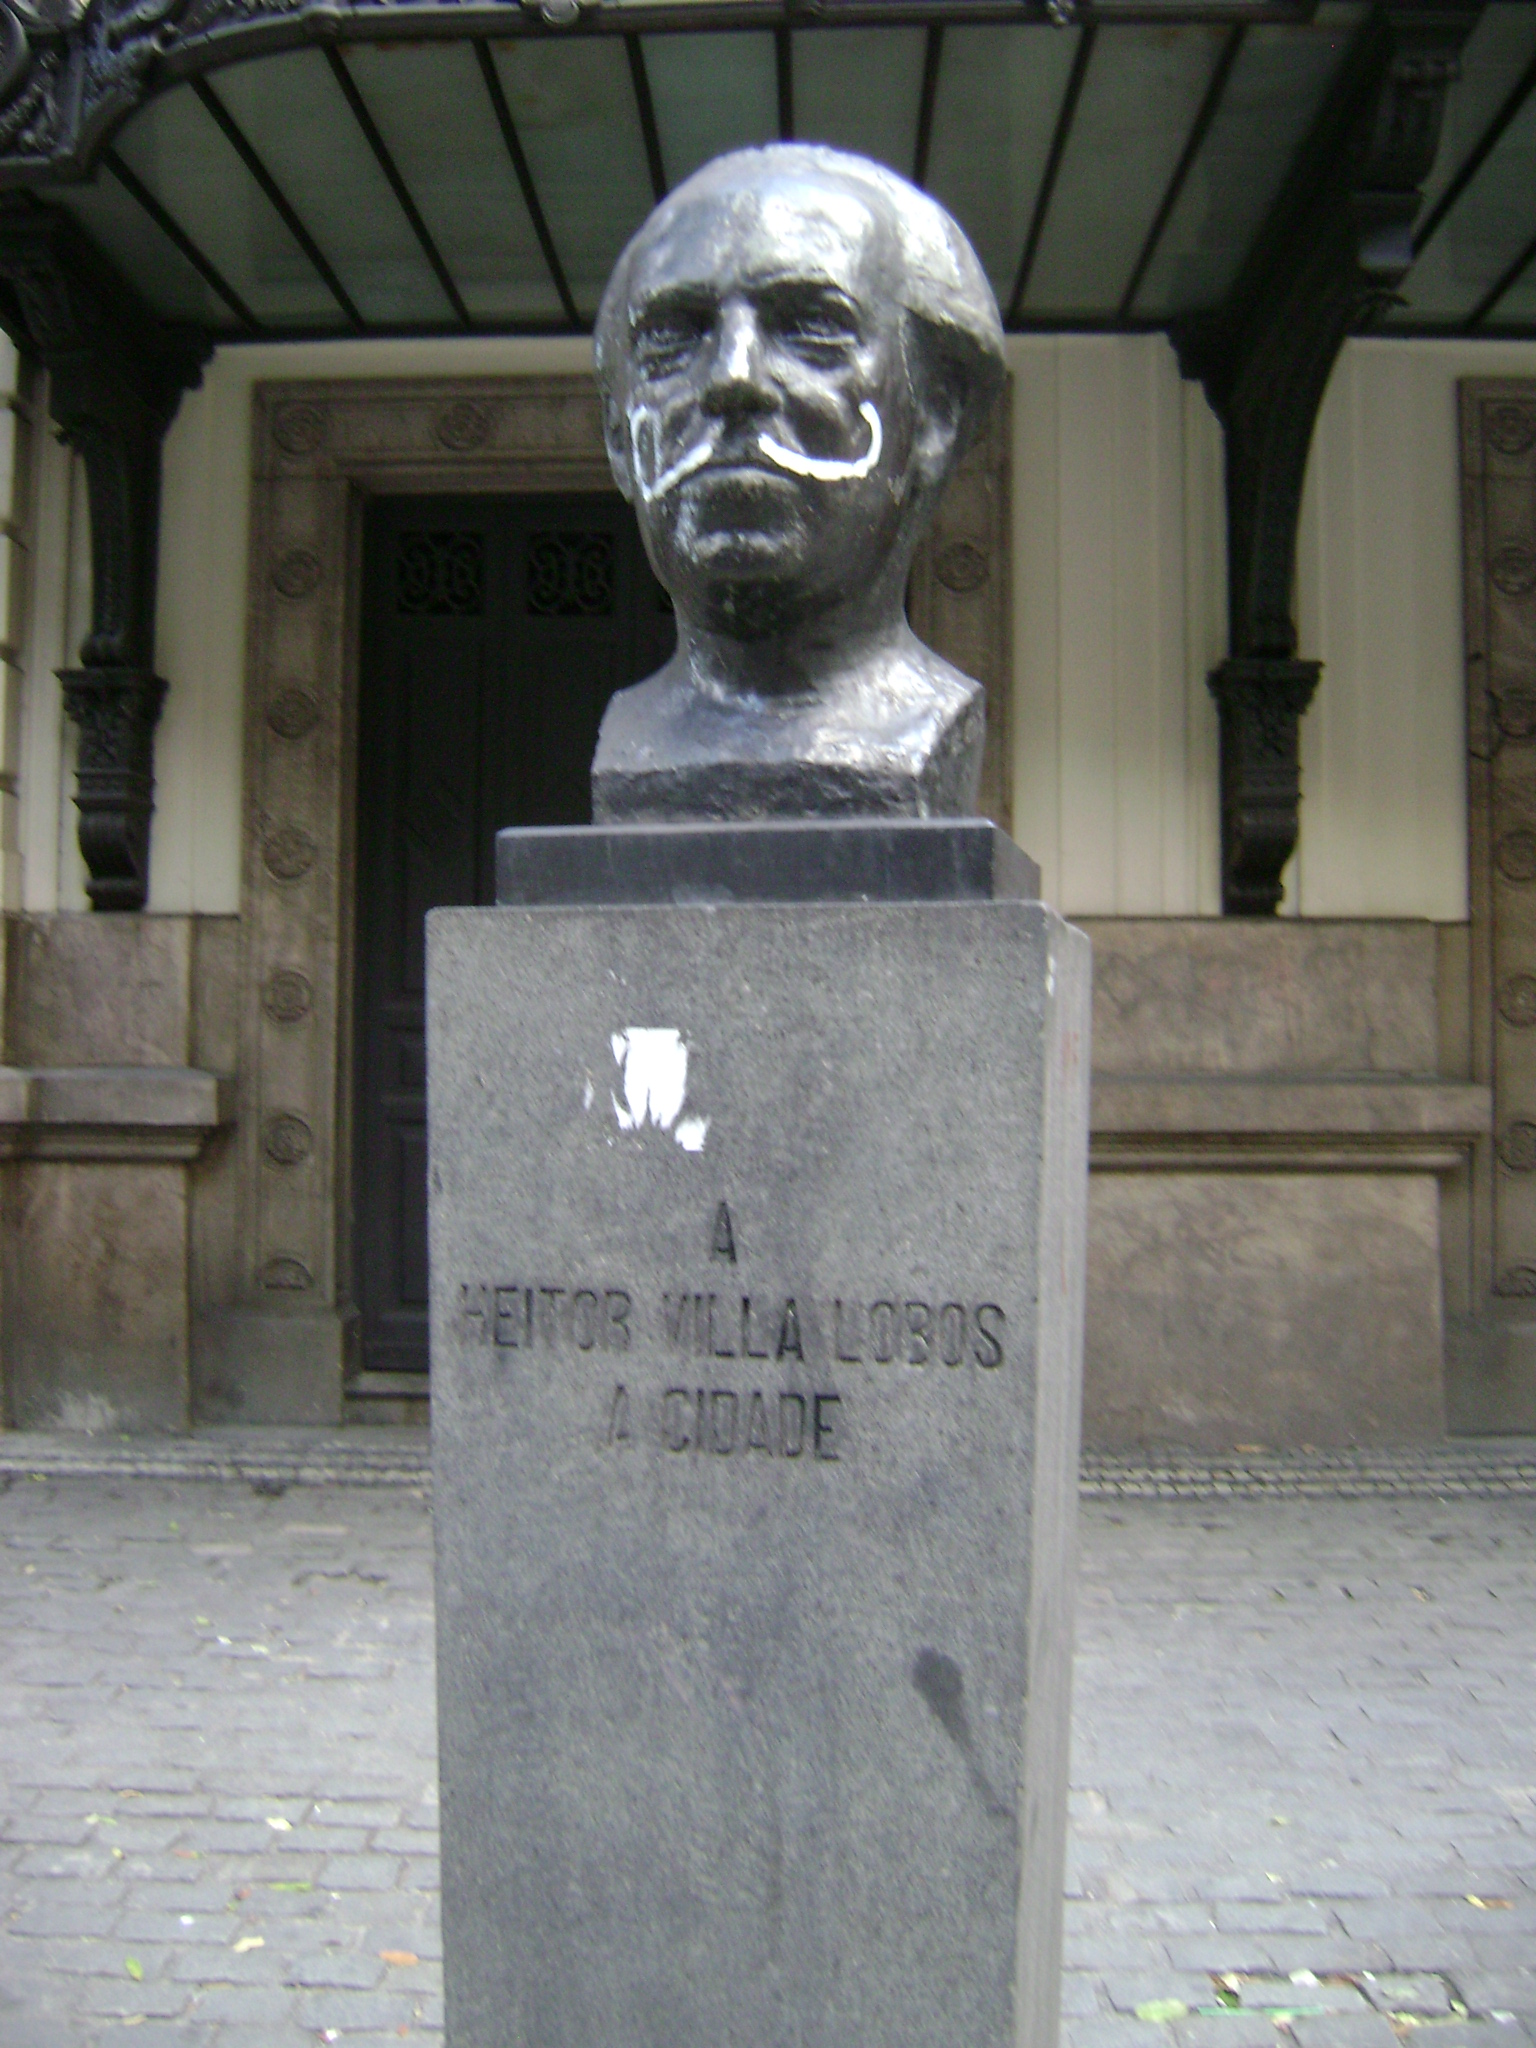 Monumento a Heitor Villa-Lobos en Rio de Janeiro.